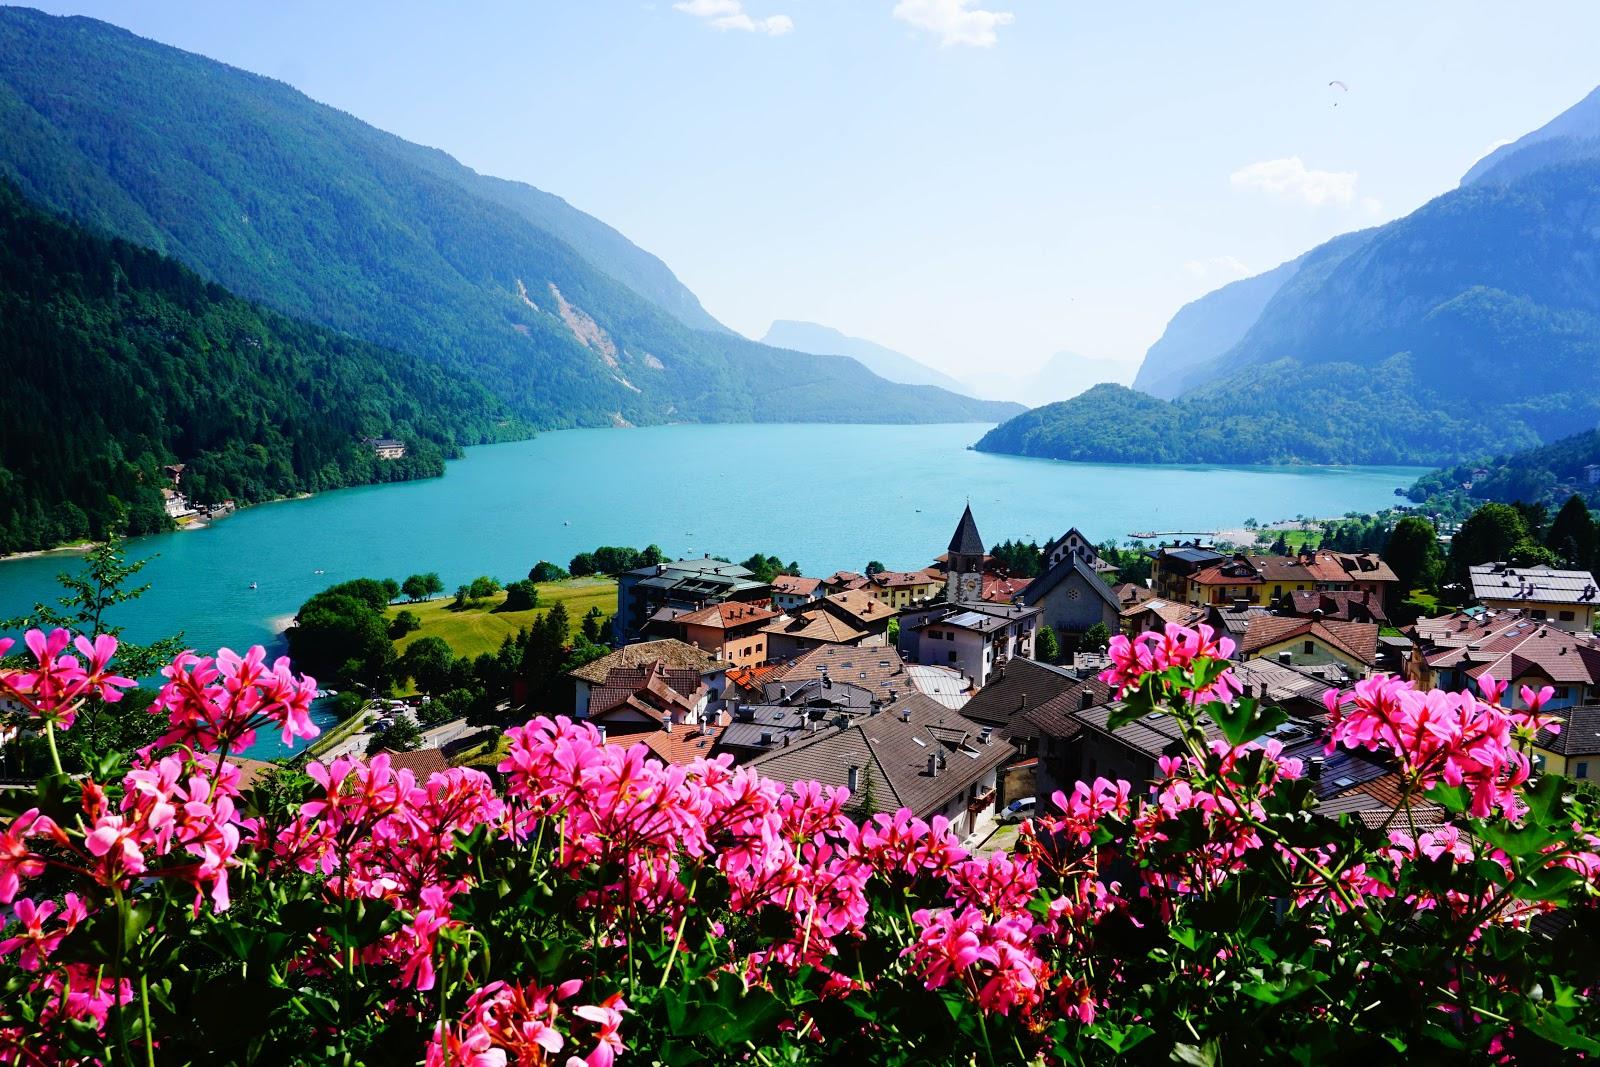 Cosa fare e vedere in Trentino - In Dolomiti Paganella con Yallers Italia